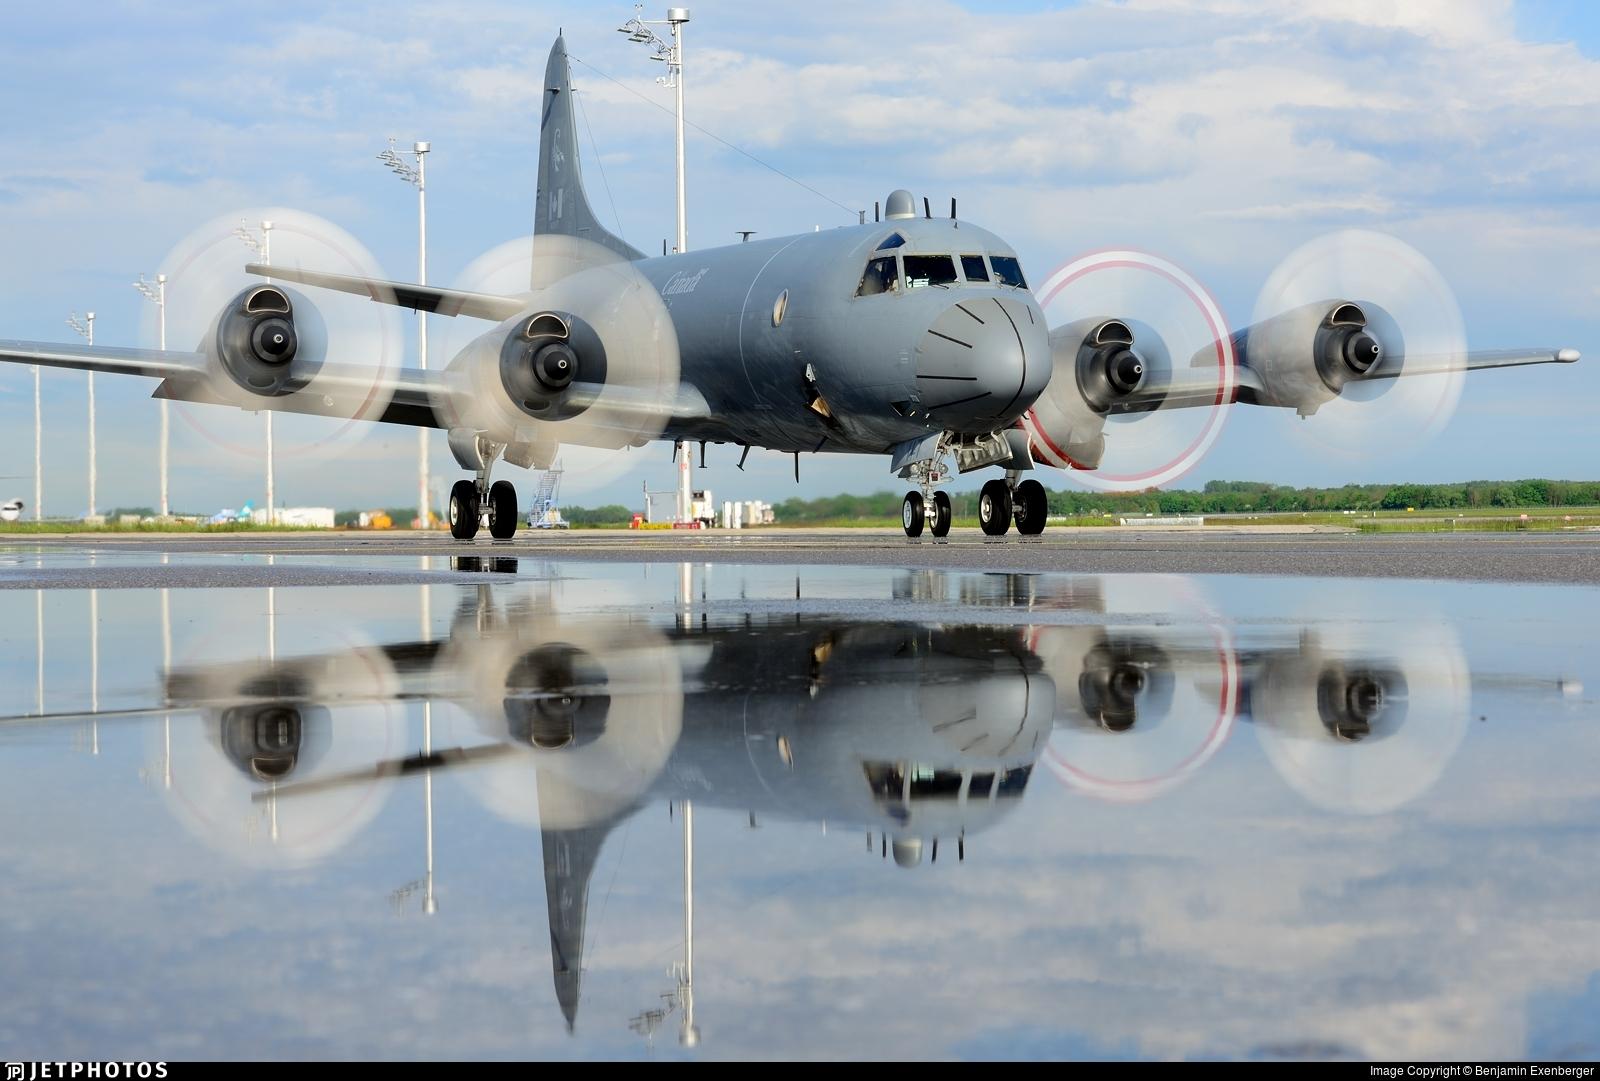 140117 - Lockheed CP-140 Aurora - Canada - Royal Air Force